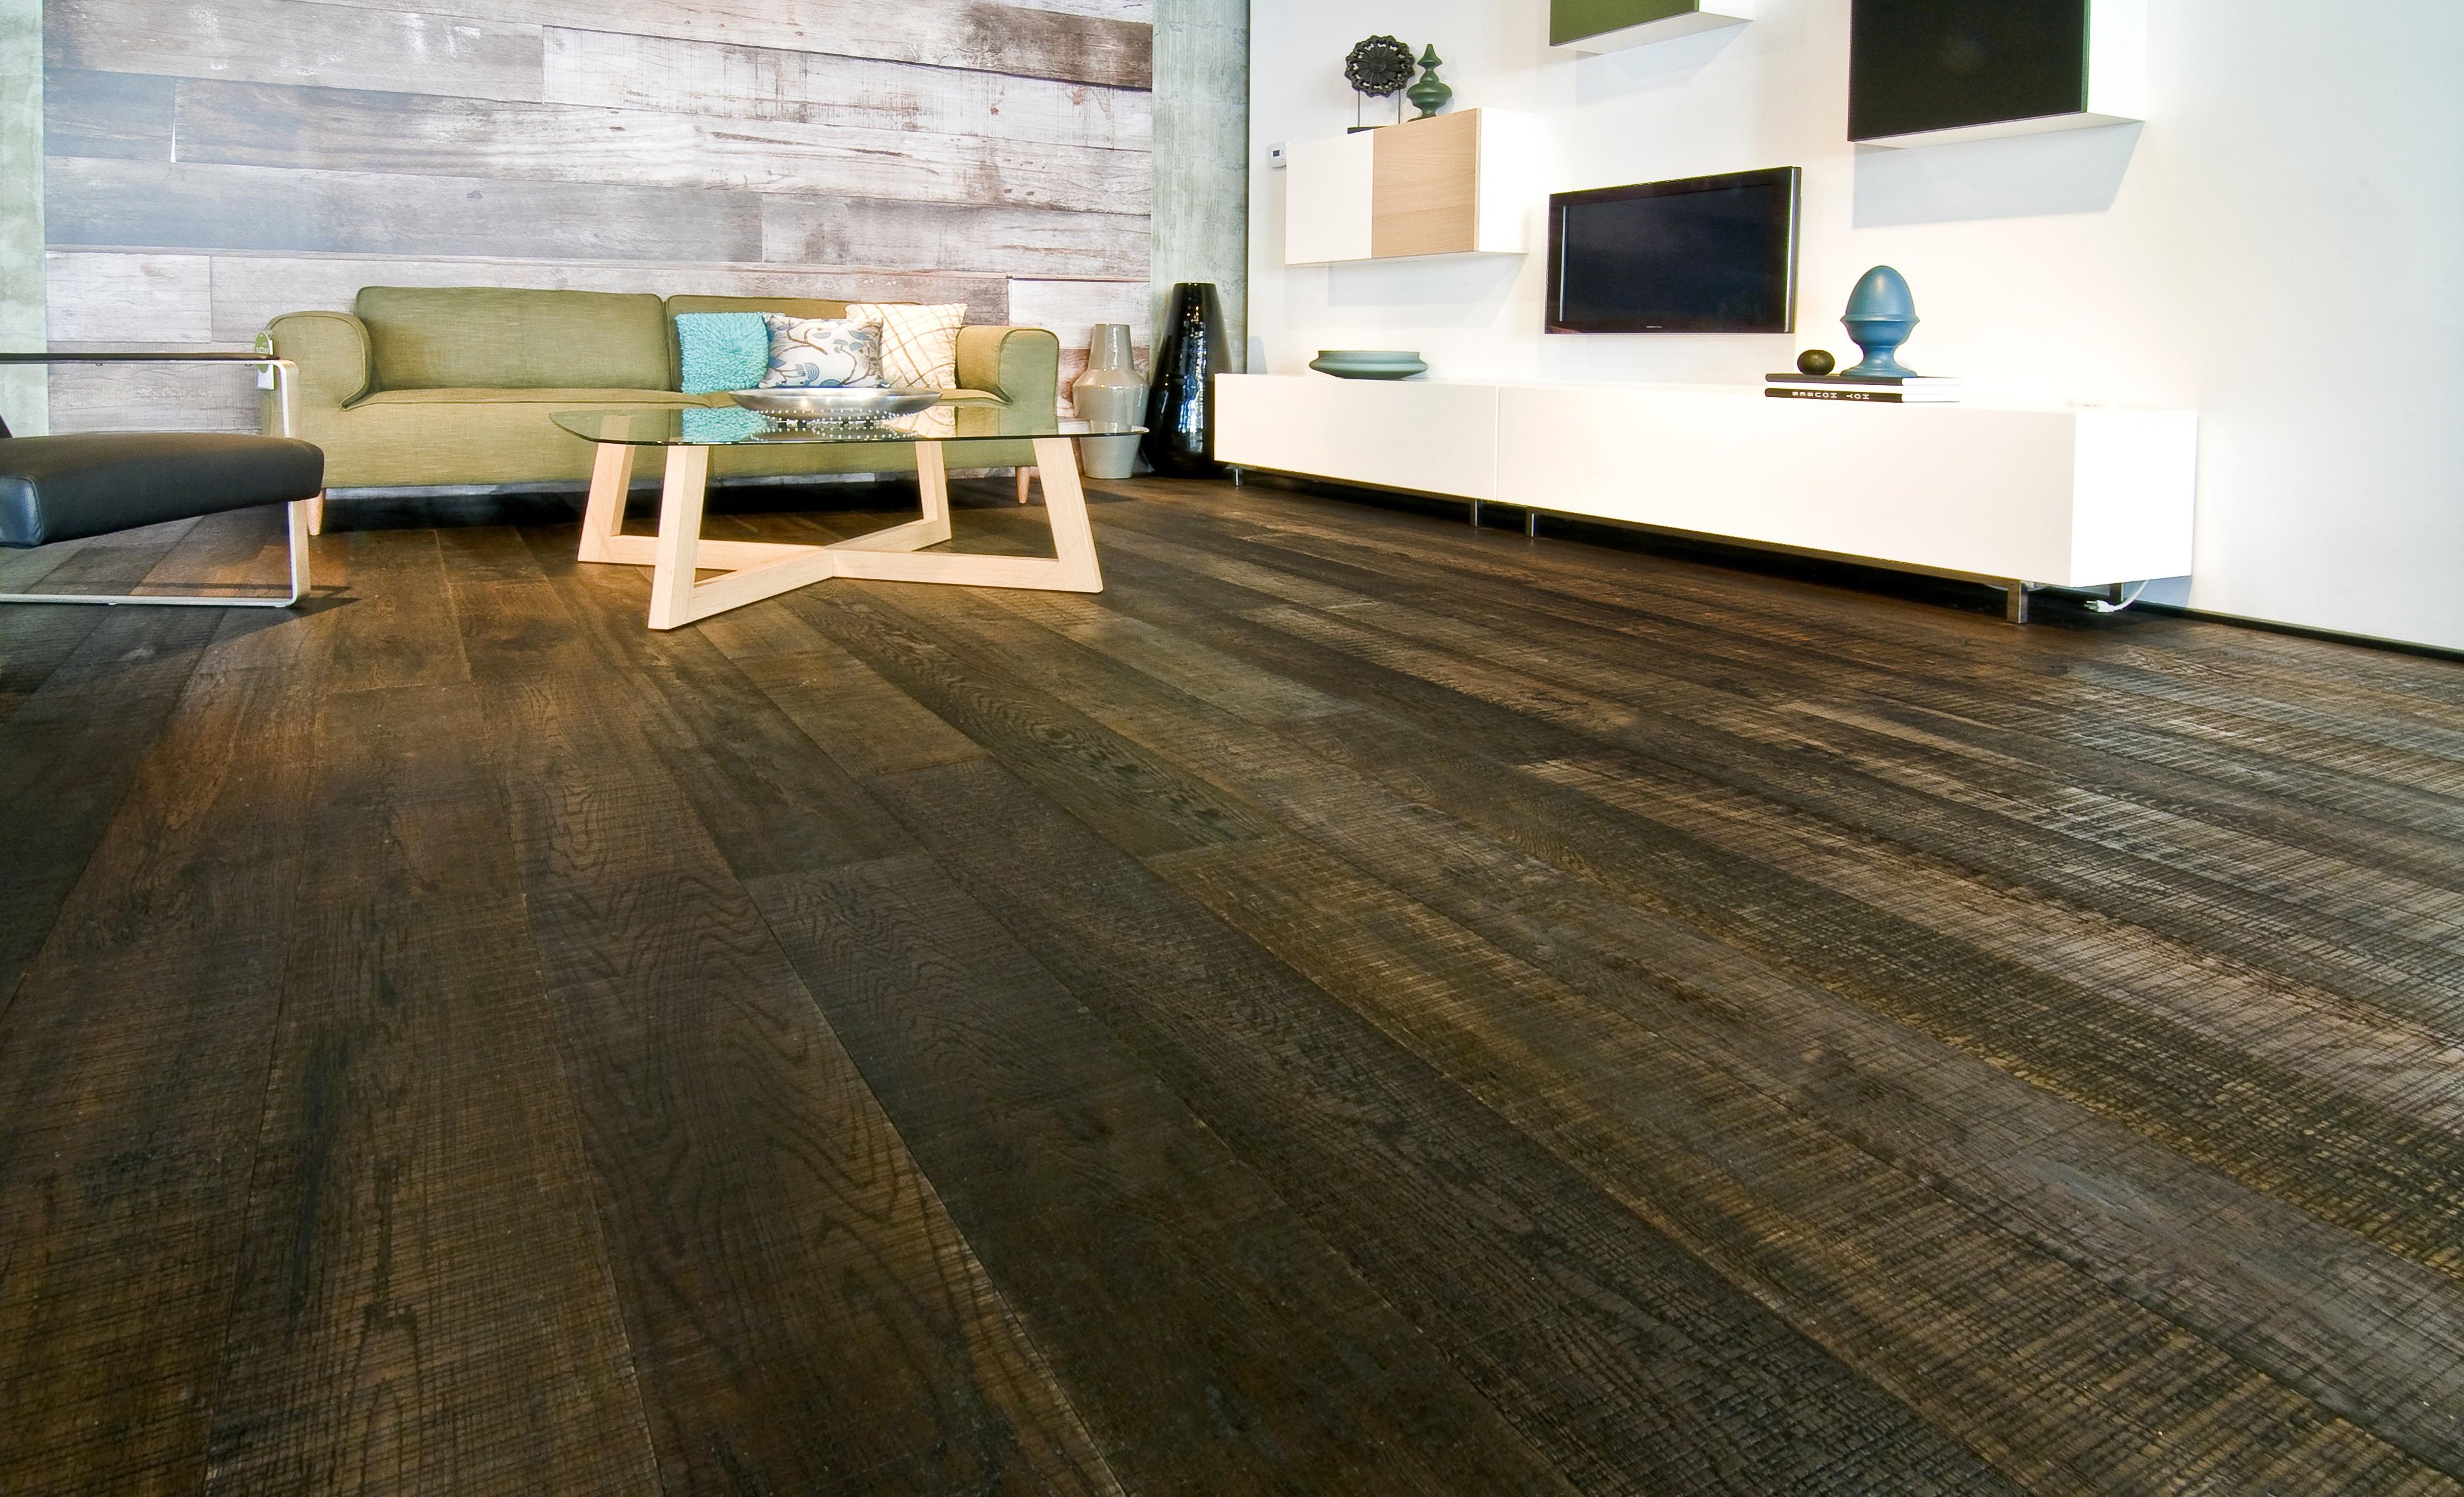 mt hardwood floors of pierce flooring where to buy hardwood flooring inspirational 0d inside pierce flooring where to buy hardwood flooring inspirational 0d grace place barnegat